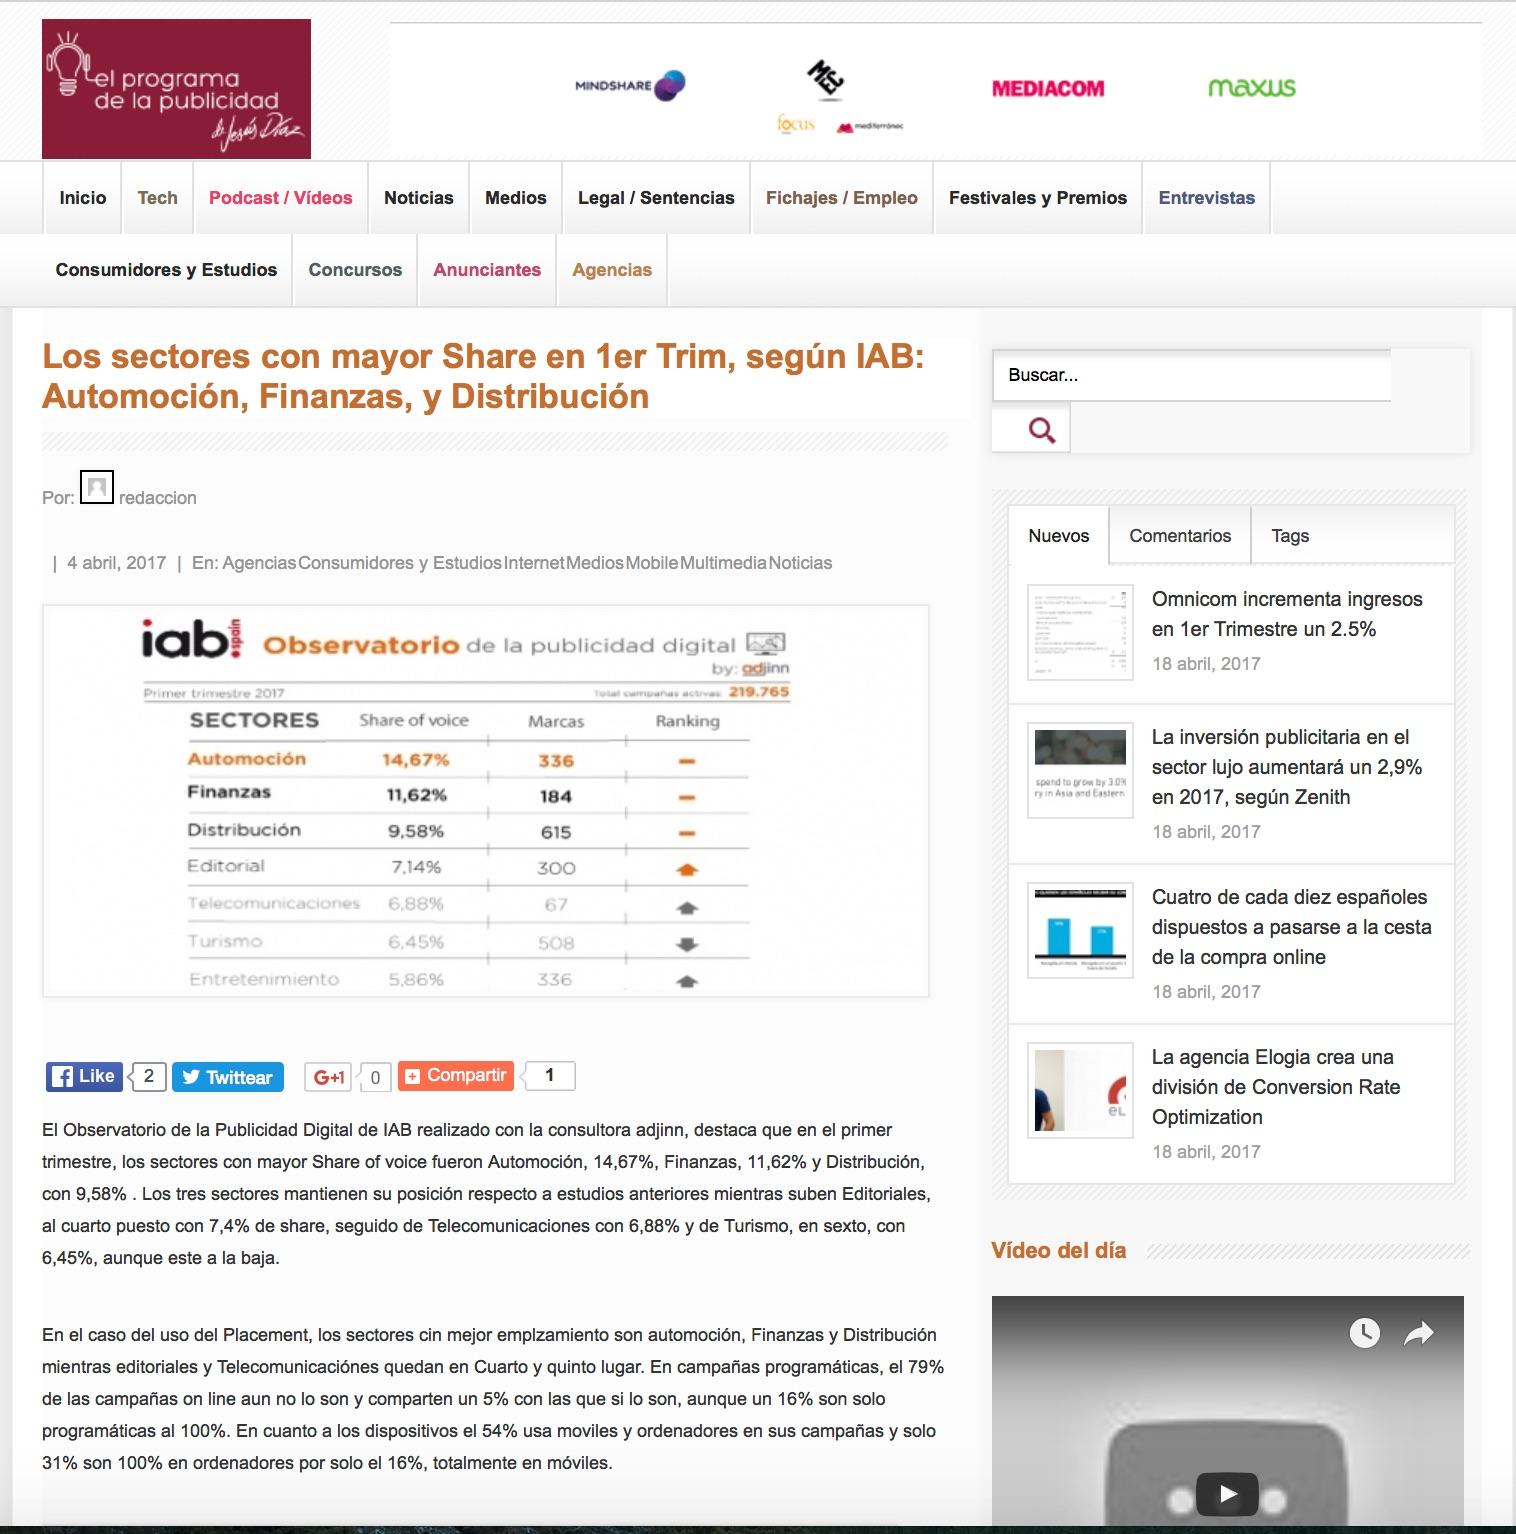 Observatorio de la Publicidad en El programa de la publicidad copia